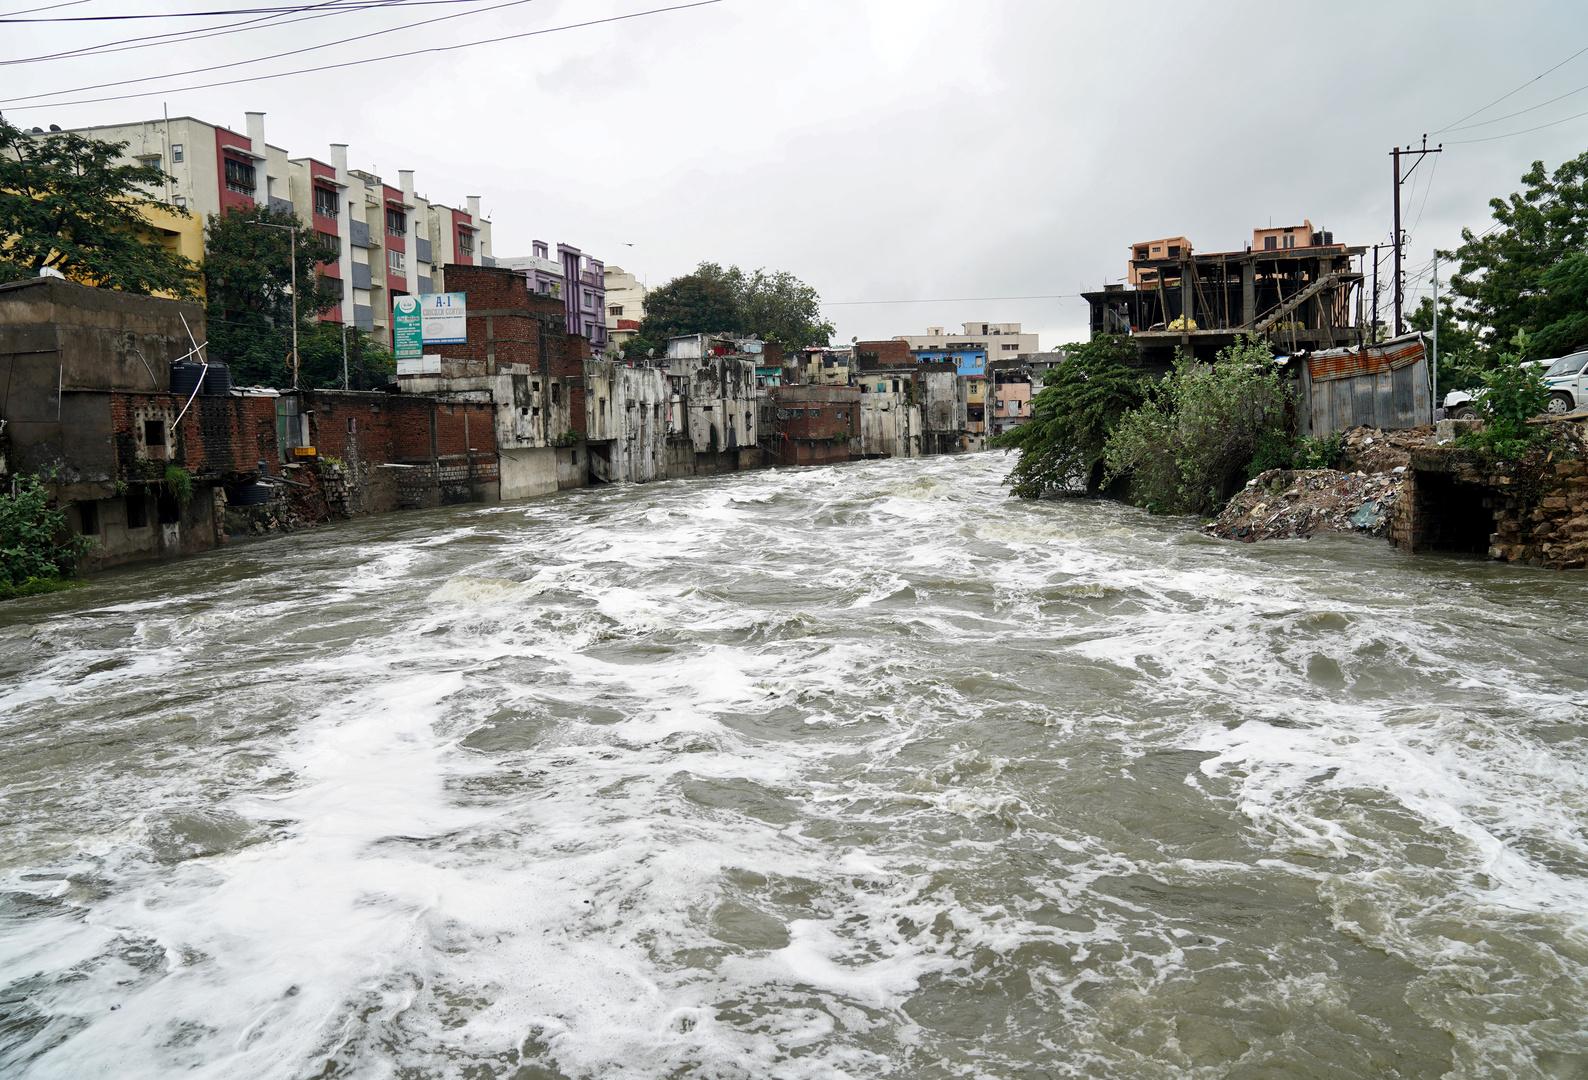 ارتفاع عدد قتلى الفيضانات والانهيارات الأرضية في الهند إلى 138